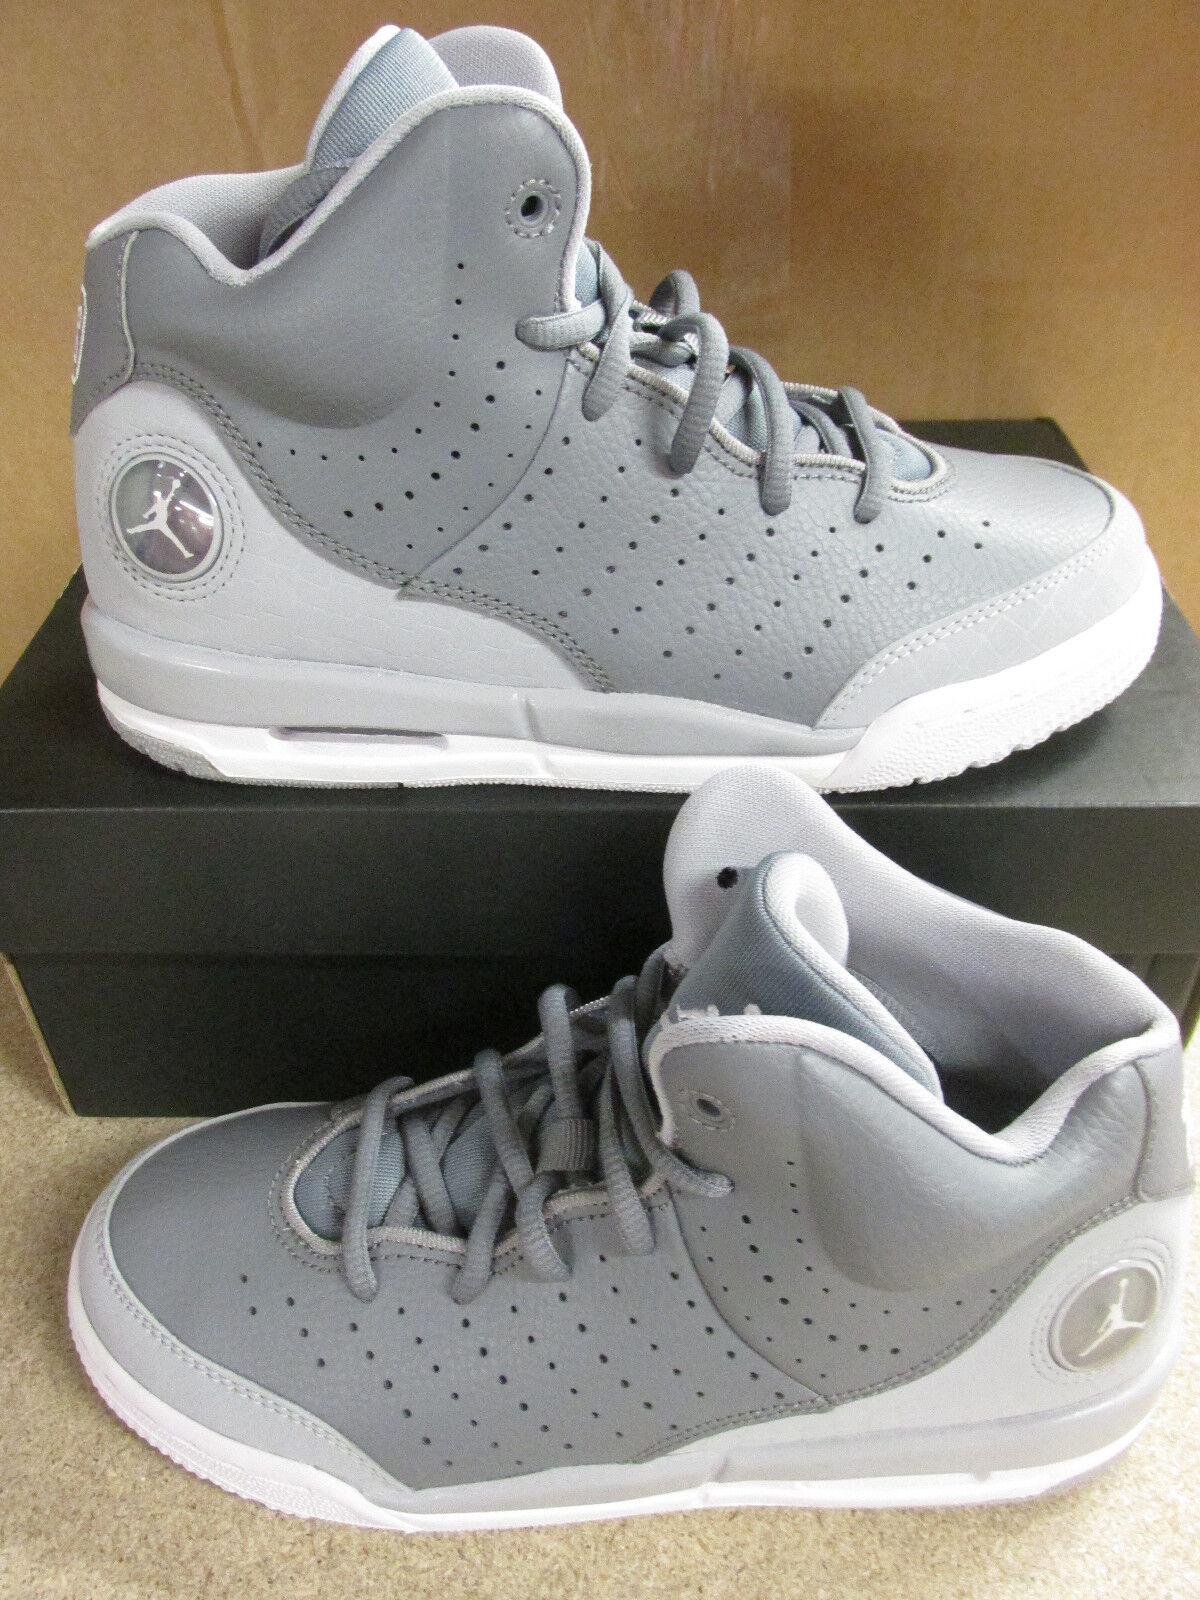 Nike Air Jordan Vuelo Tradition Bg Zapatillas Hi Top 819473 003 Zapatillas